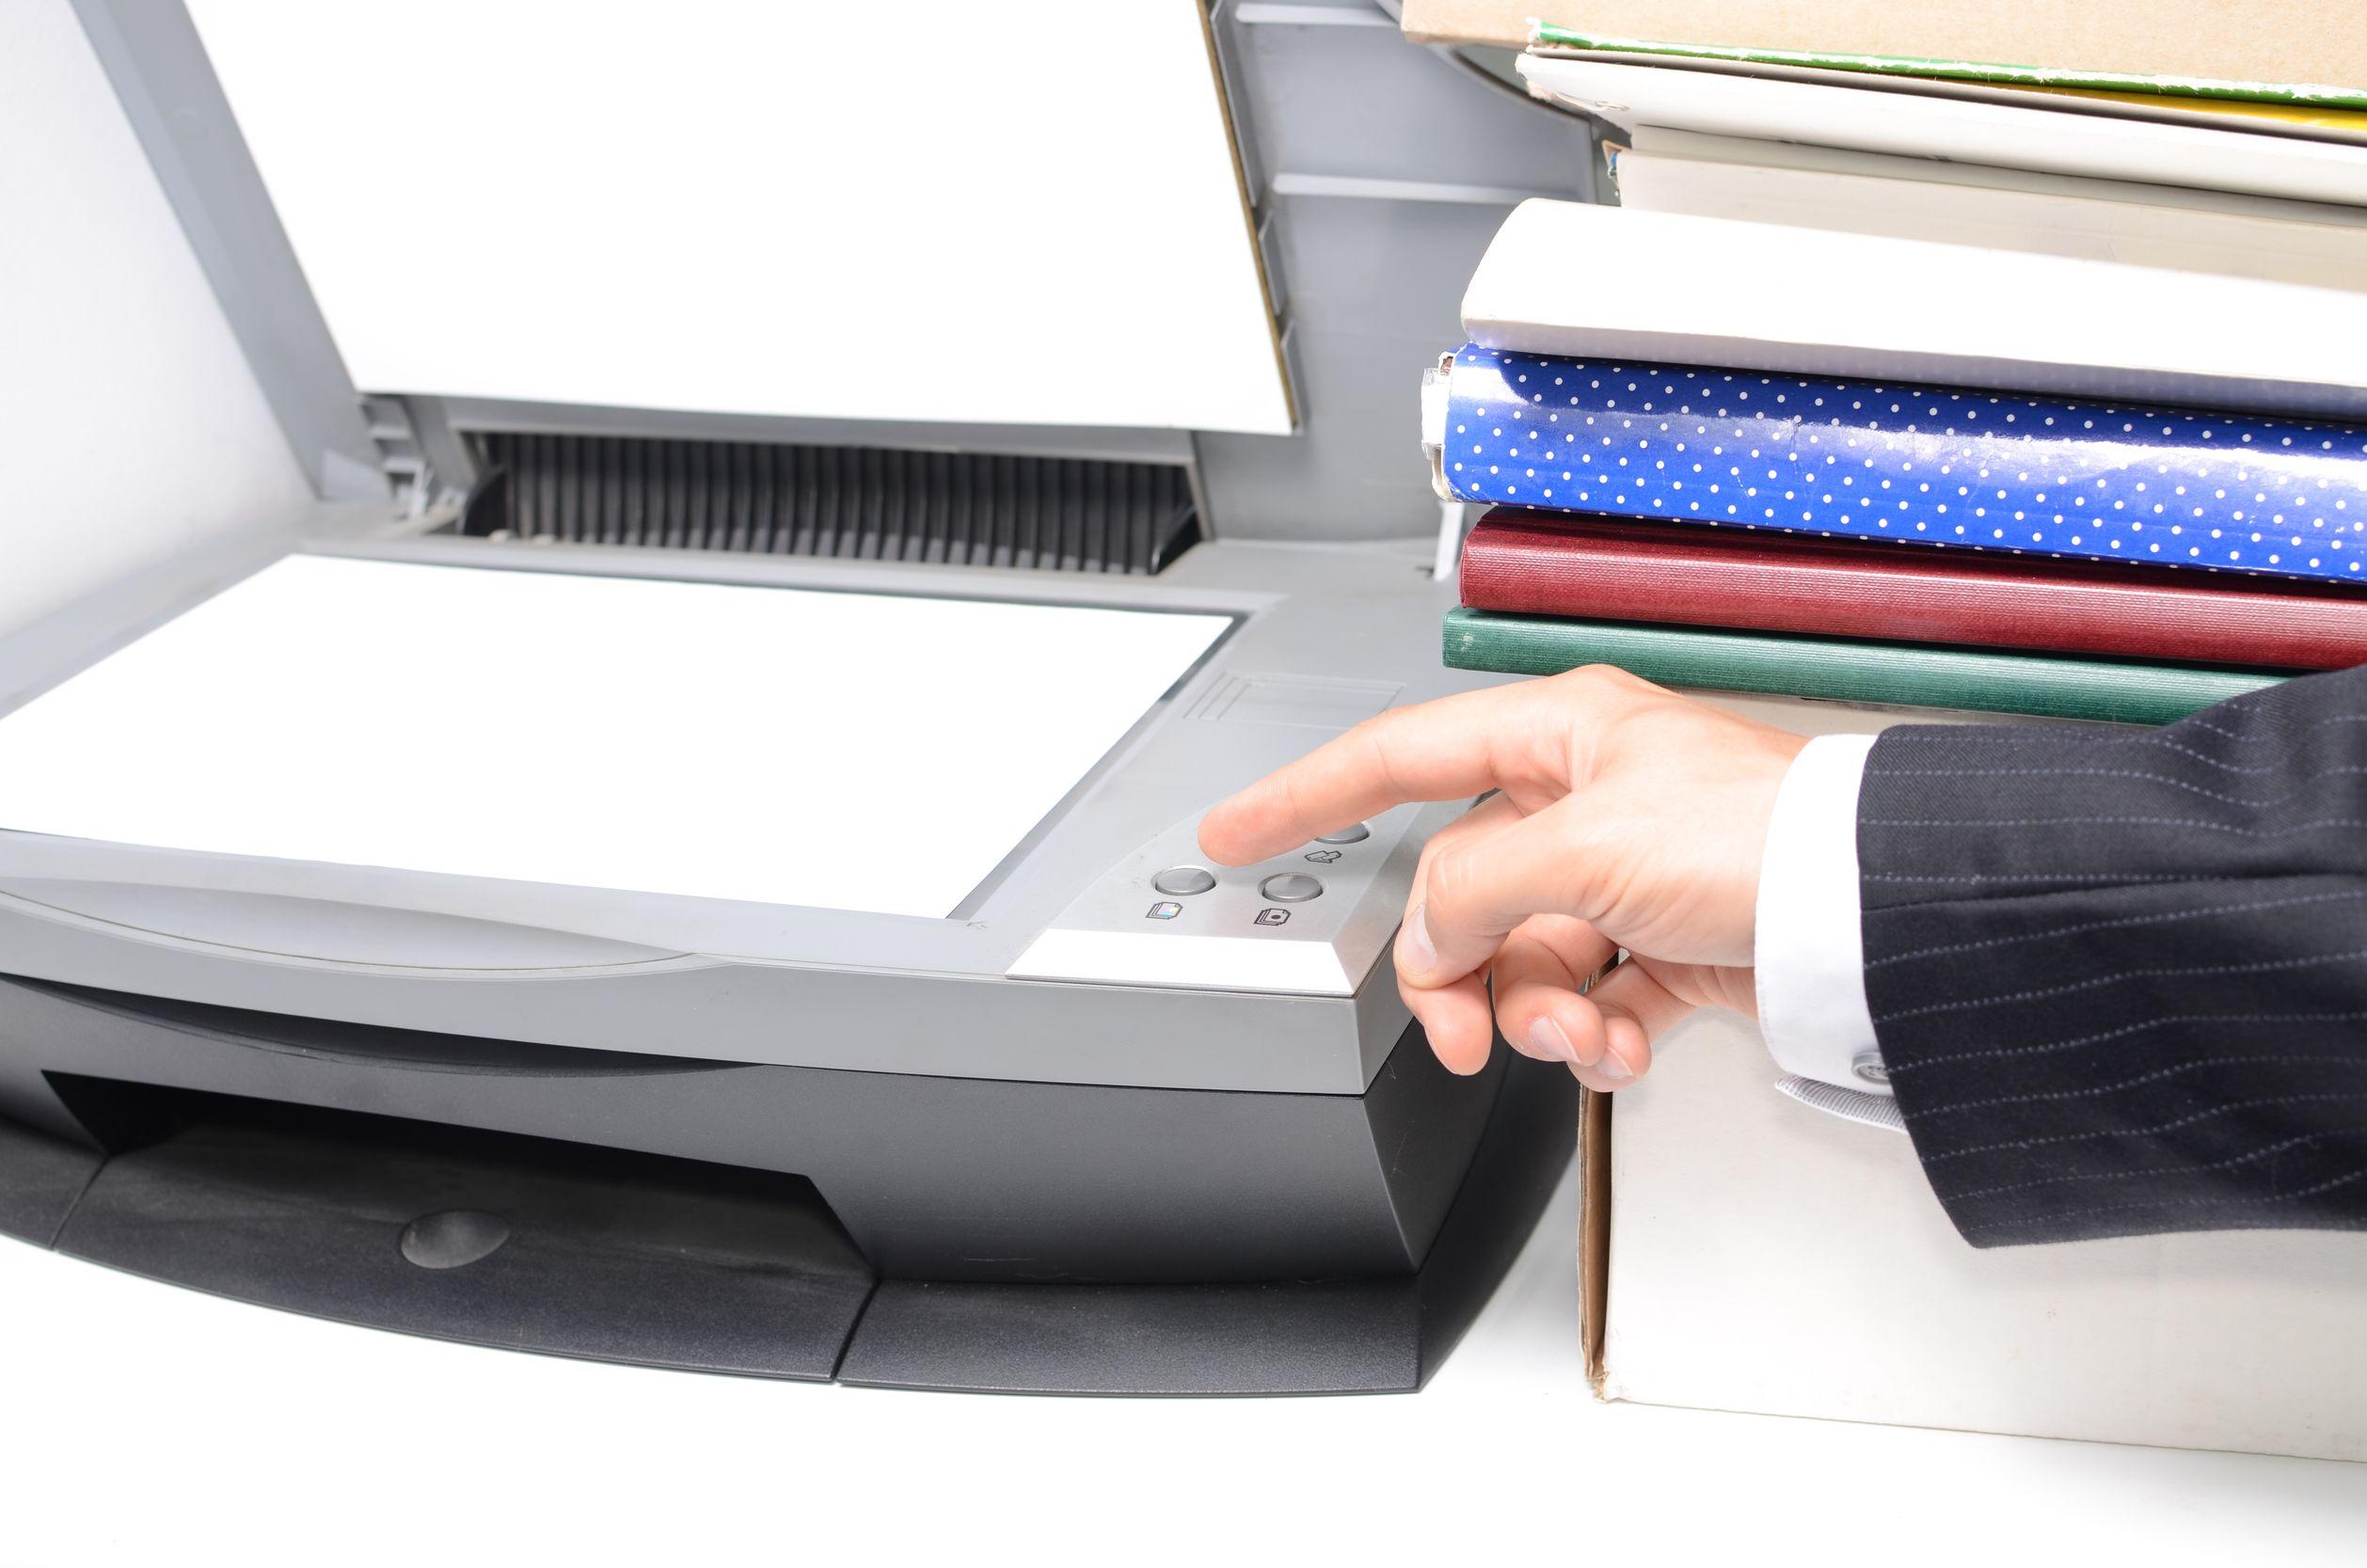 homem utilizando impressora multifuncional com melhor custo benefício na modalidade de copiadora.